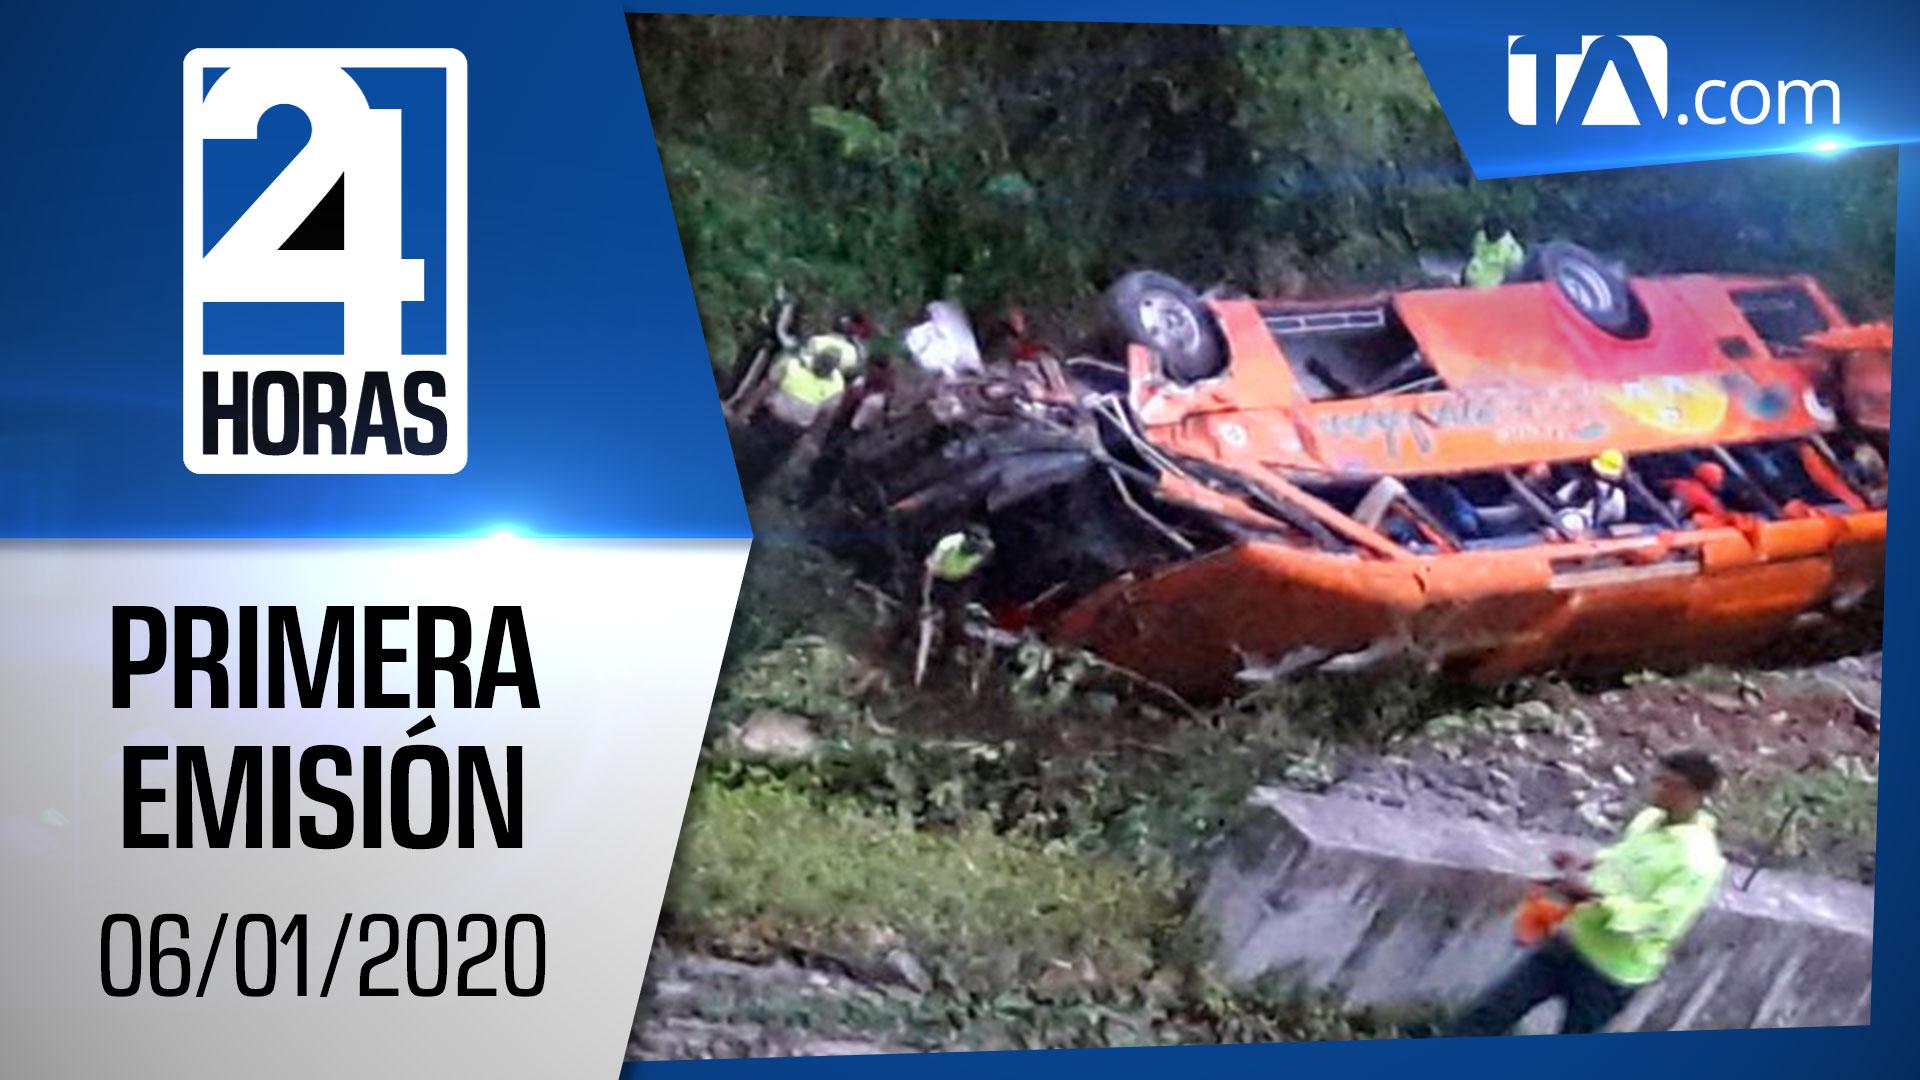 Noticias Ecuador: Noticiero 24 Horas 06/01/2020 (Primera Emisión)